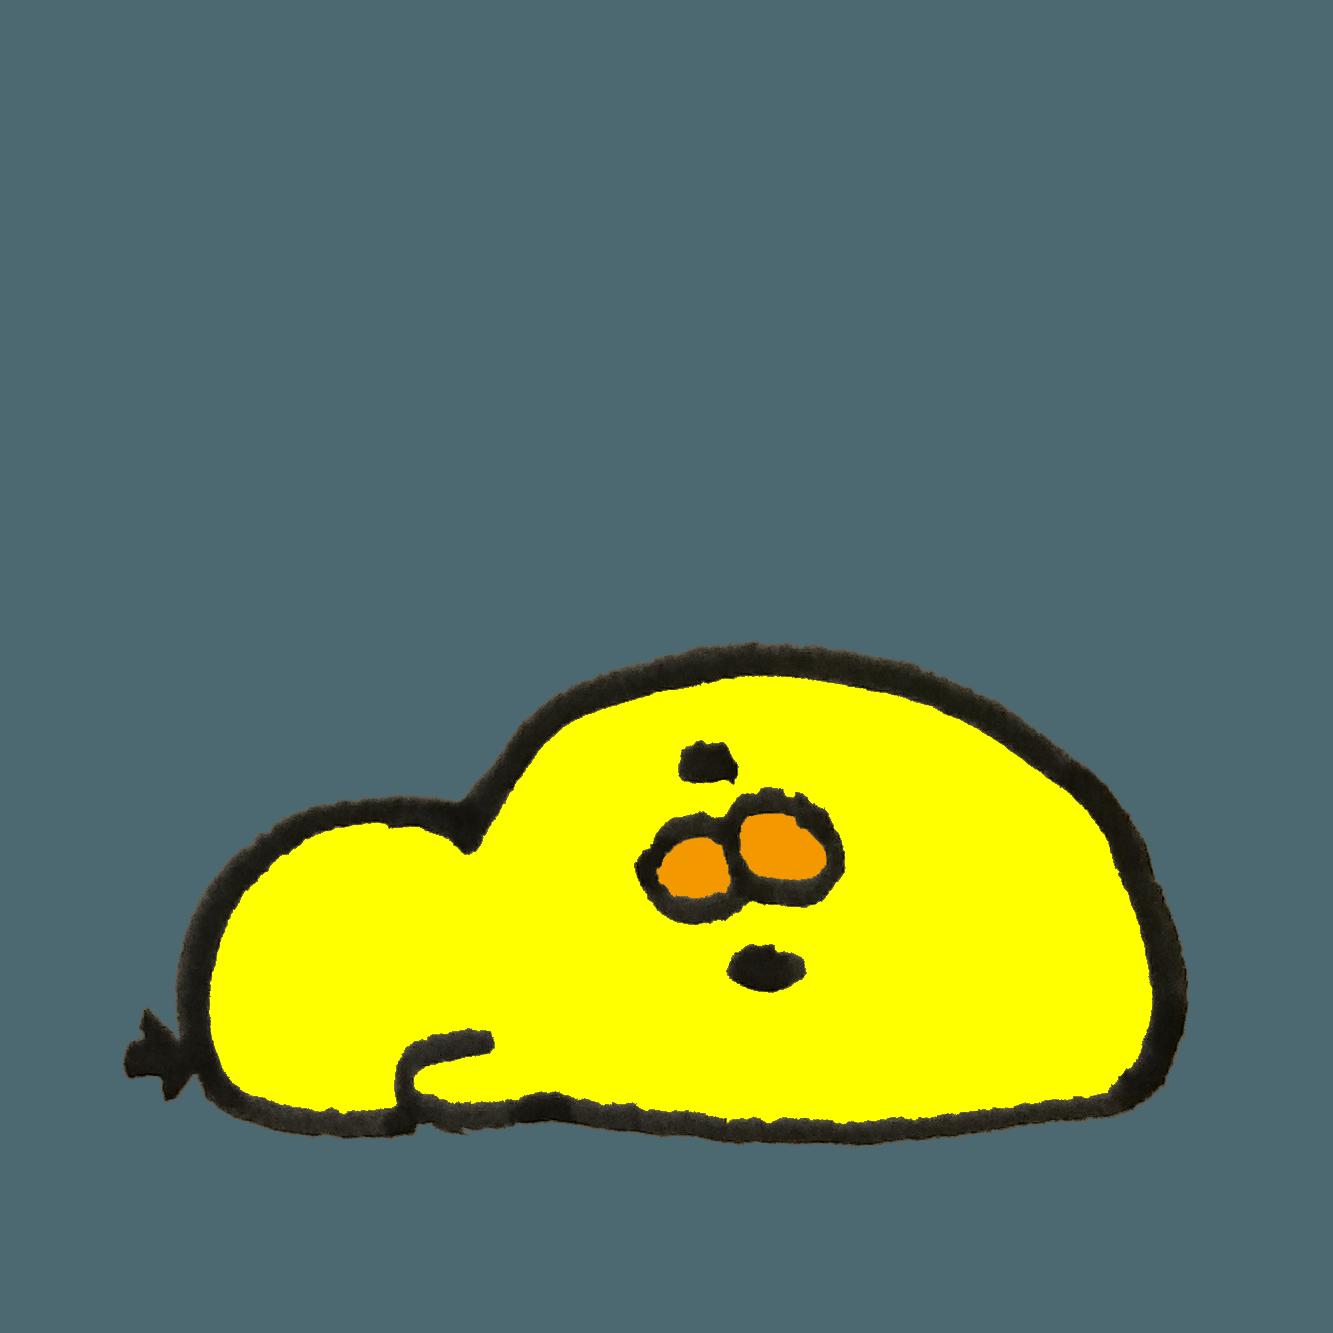 ふみの「ぐーぐーへりんこファイアー」10/17(水) 18:10   ふみのの写メ・風俗動画